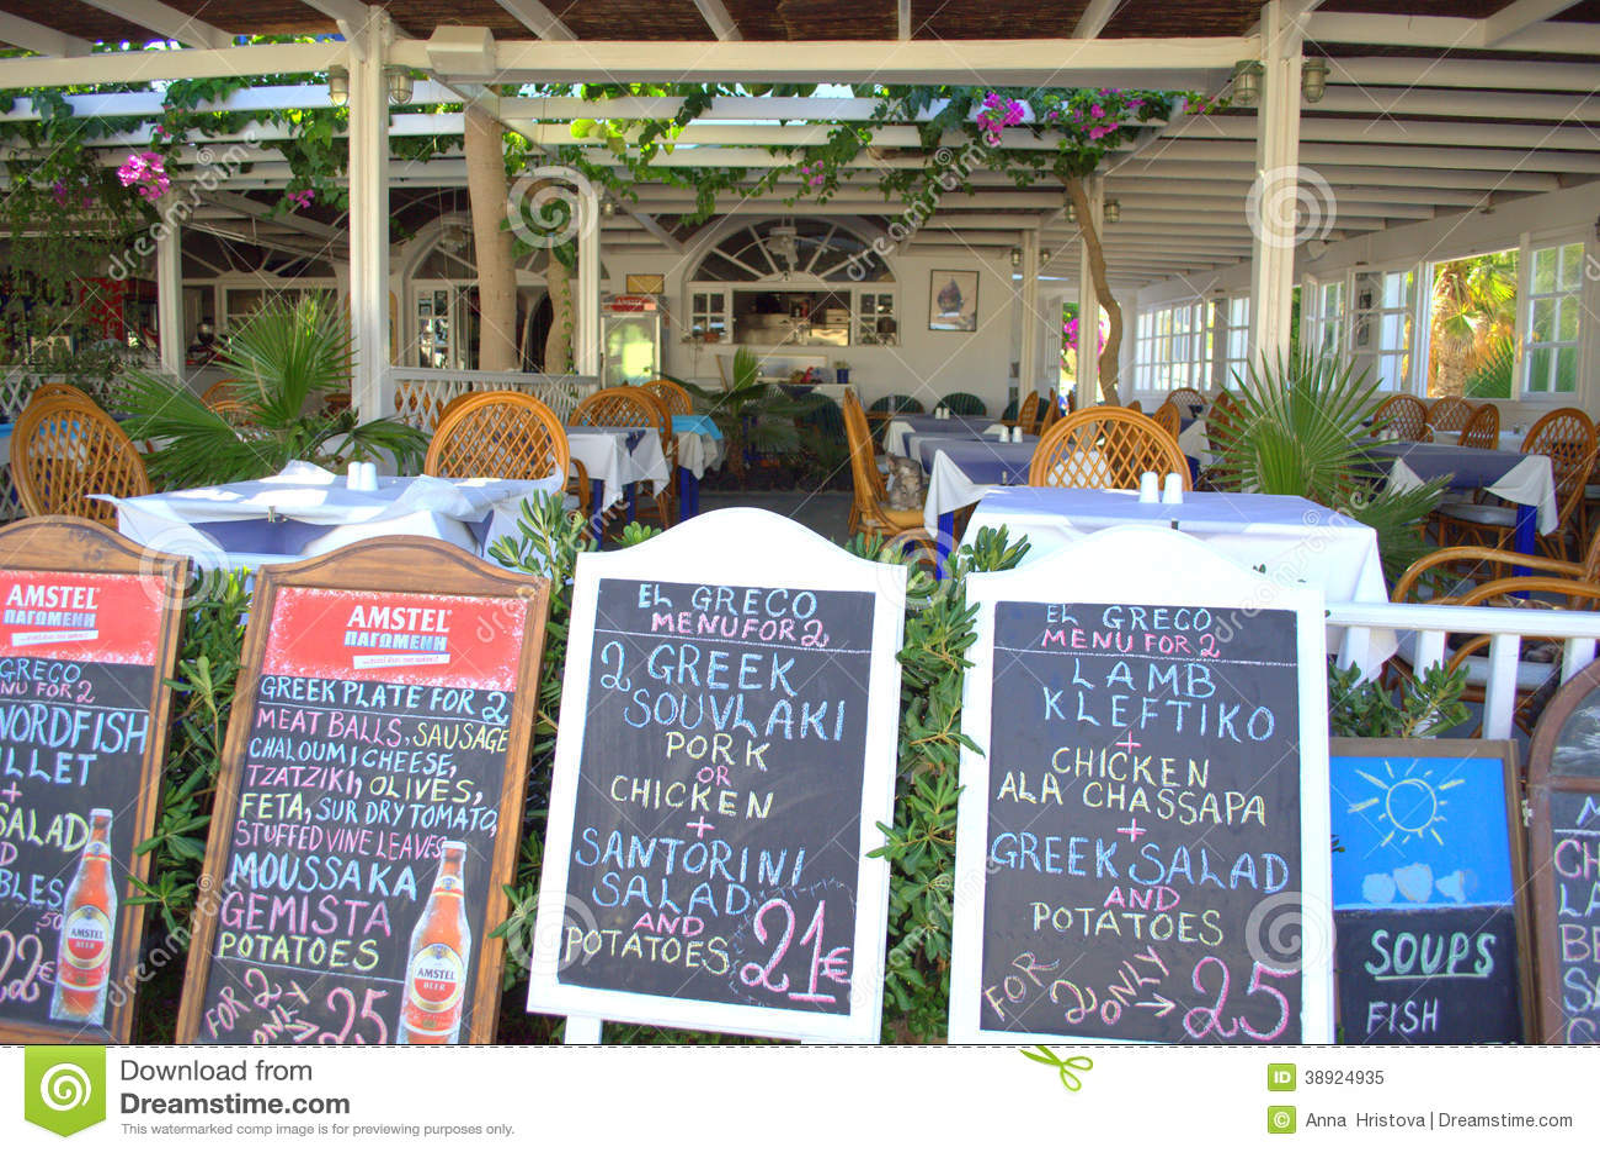 Menus at seaside restaurant ,Santorini,Greece